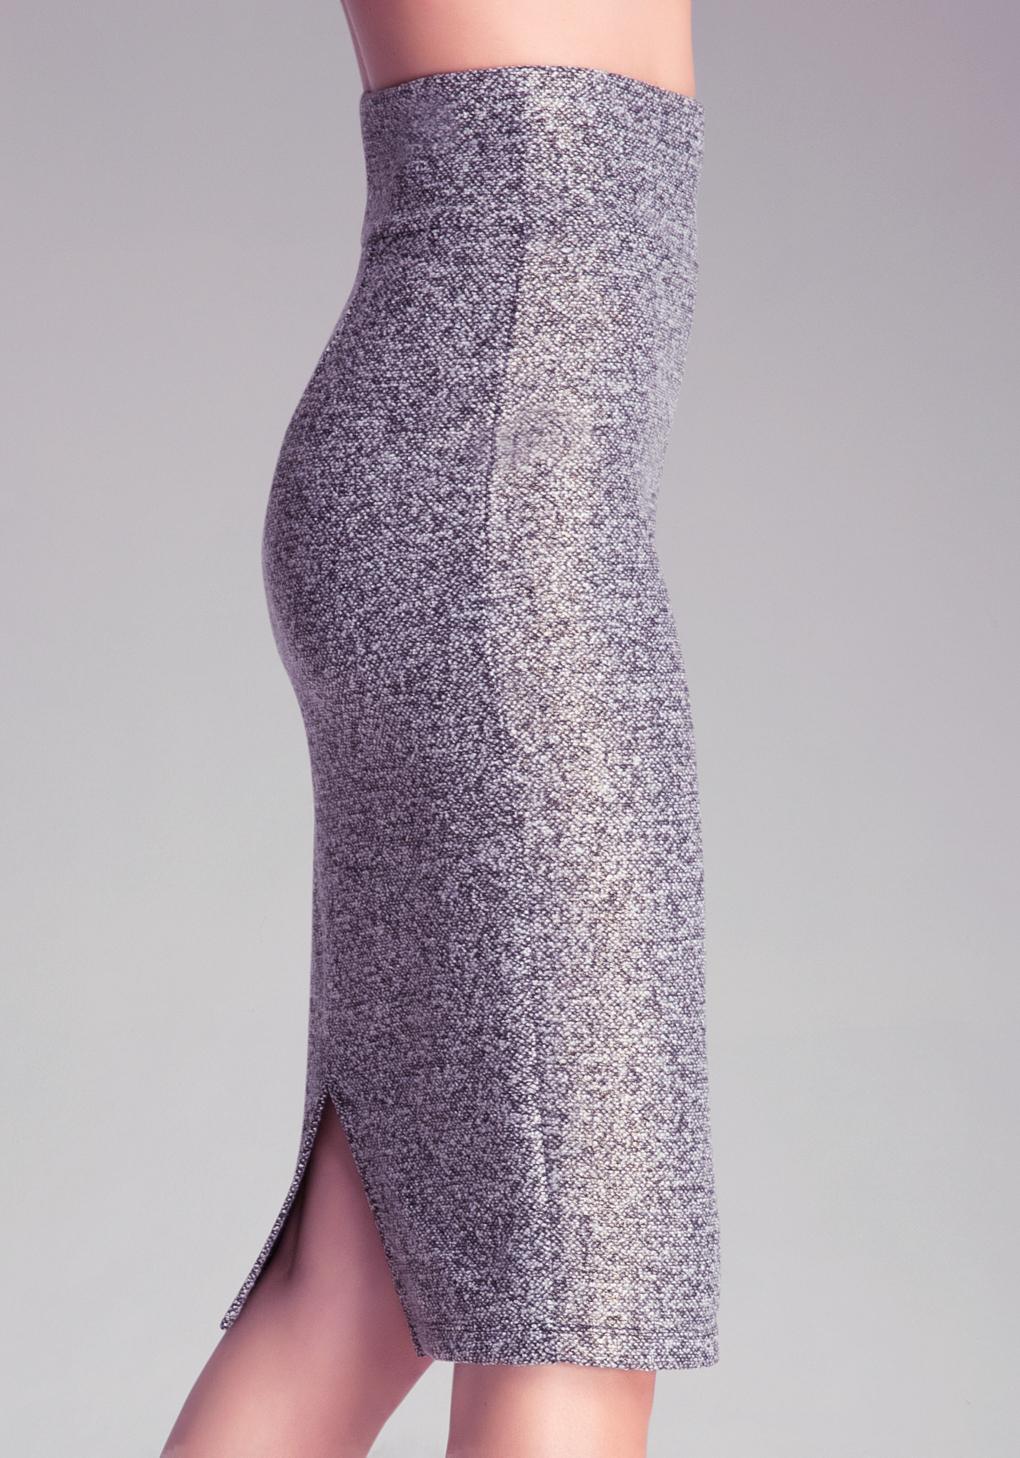 614f762fcd Bebe Tweed Zip Midi Skirt in Gray - Lyst